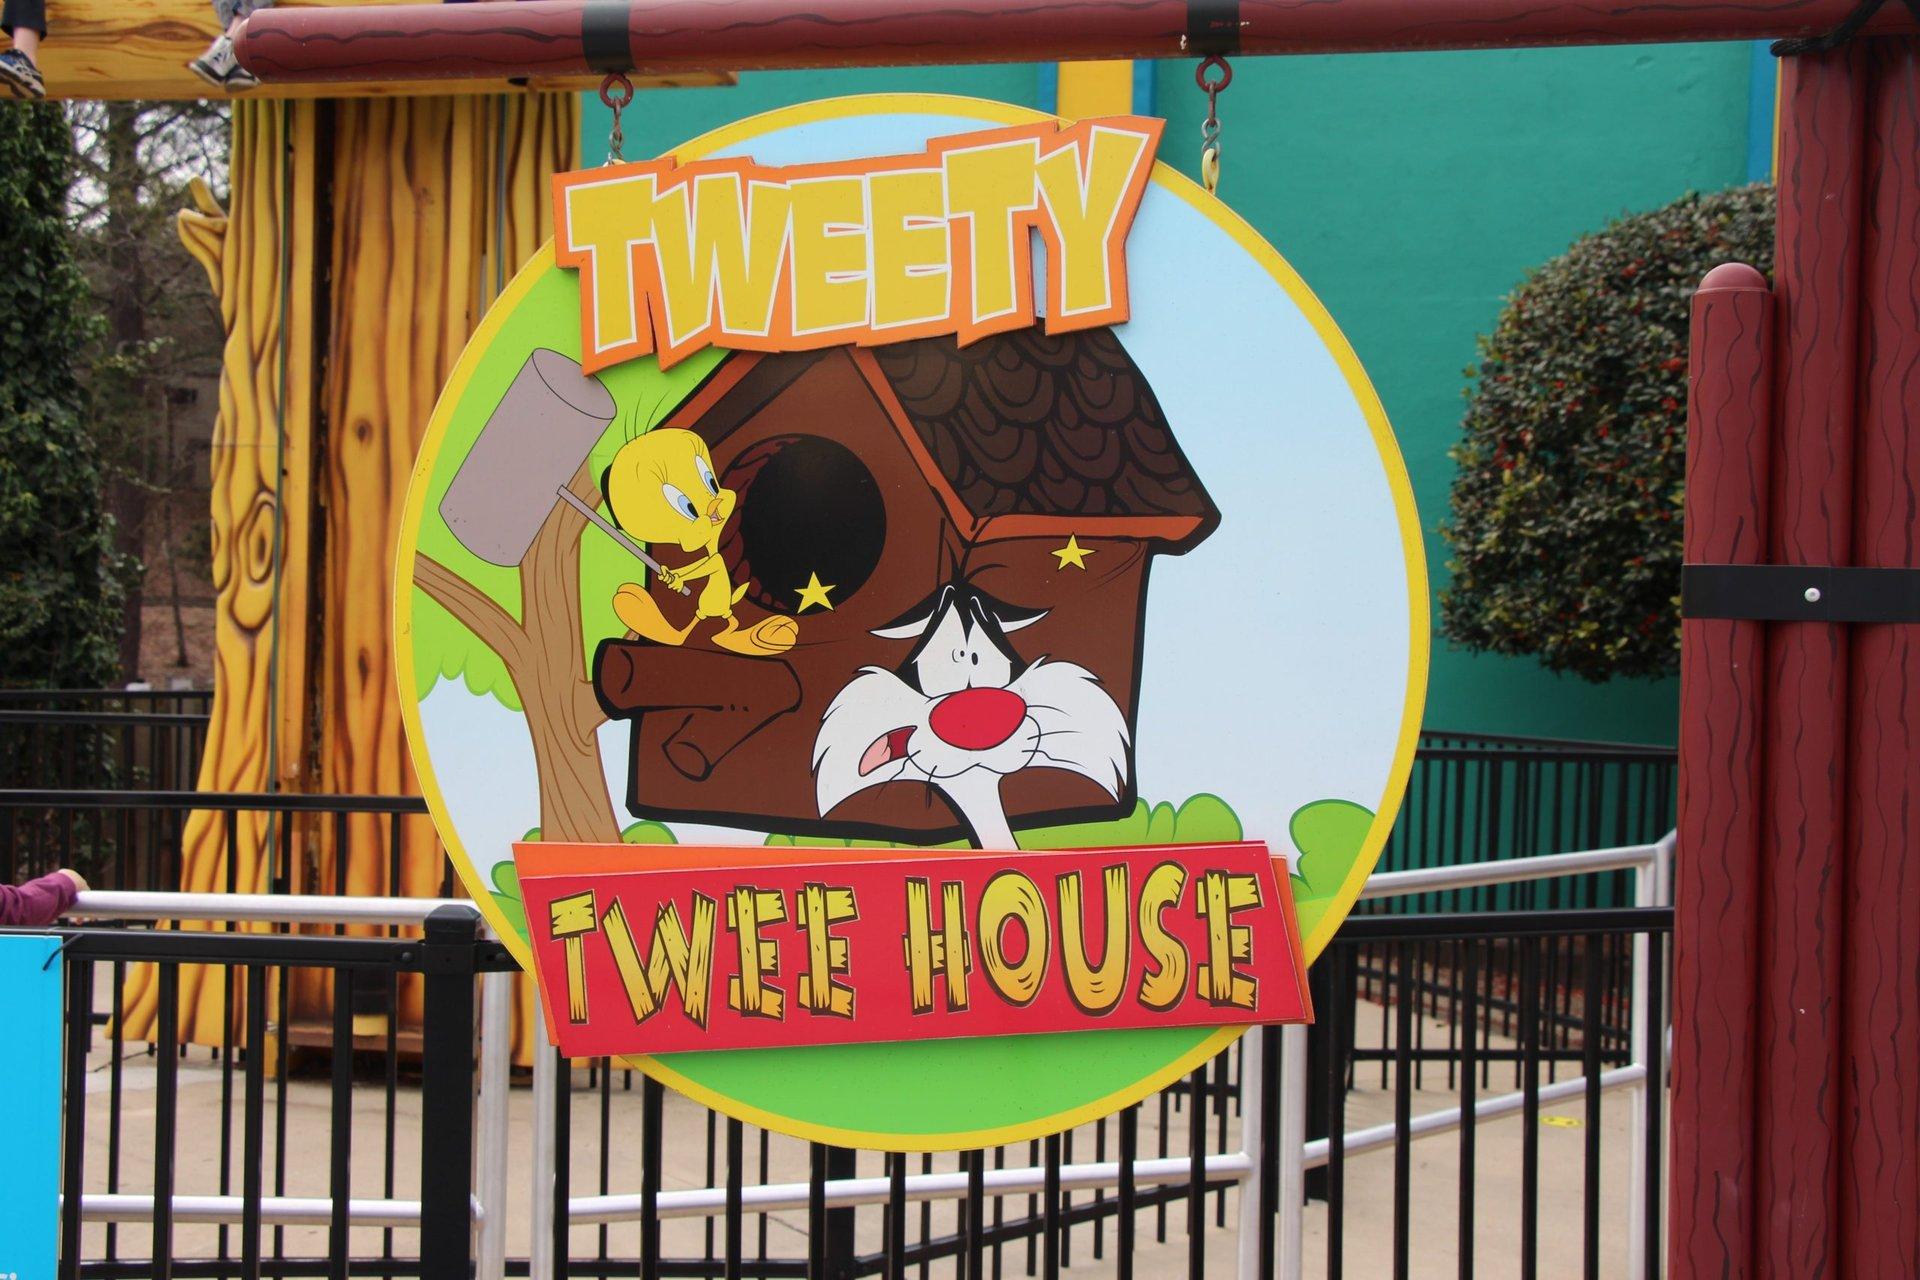 tweety-tweehouse-sign